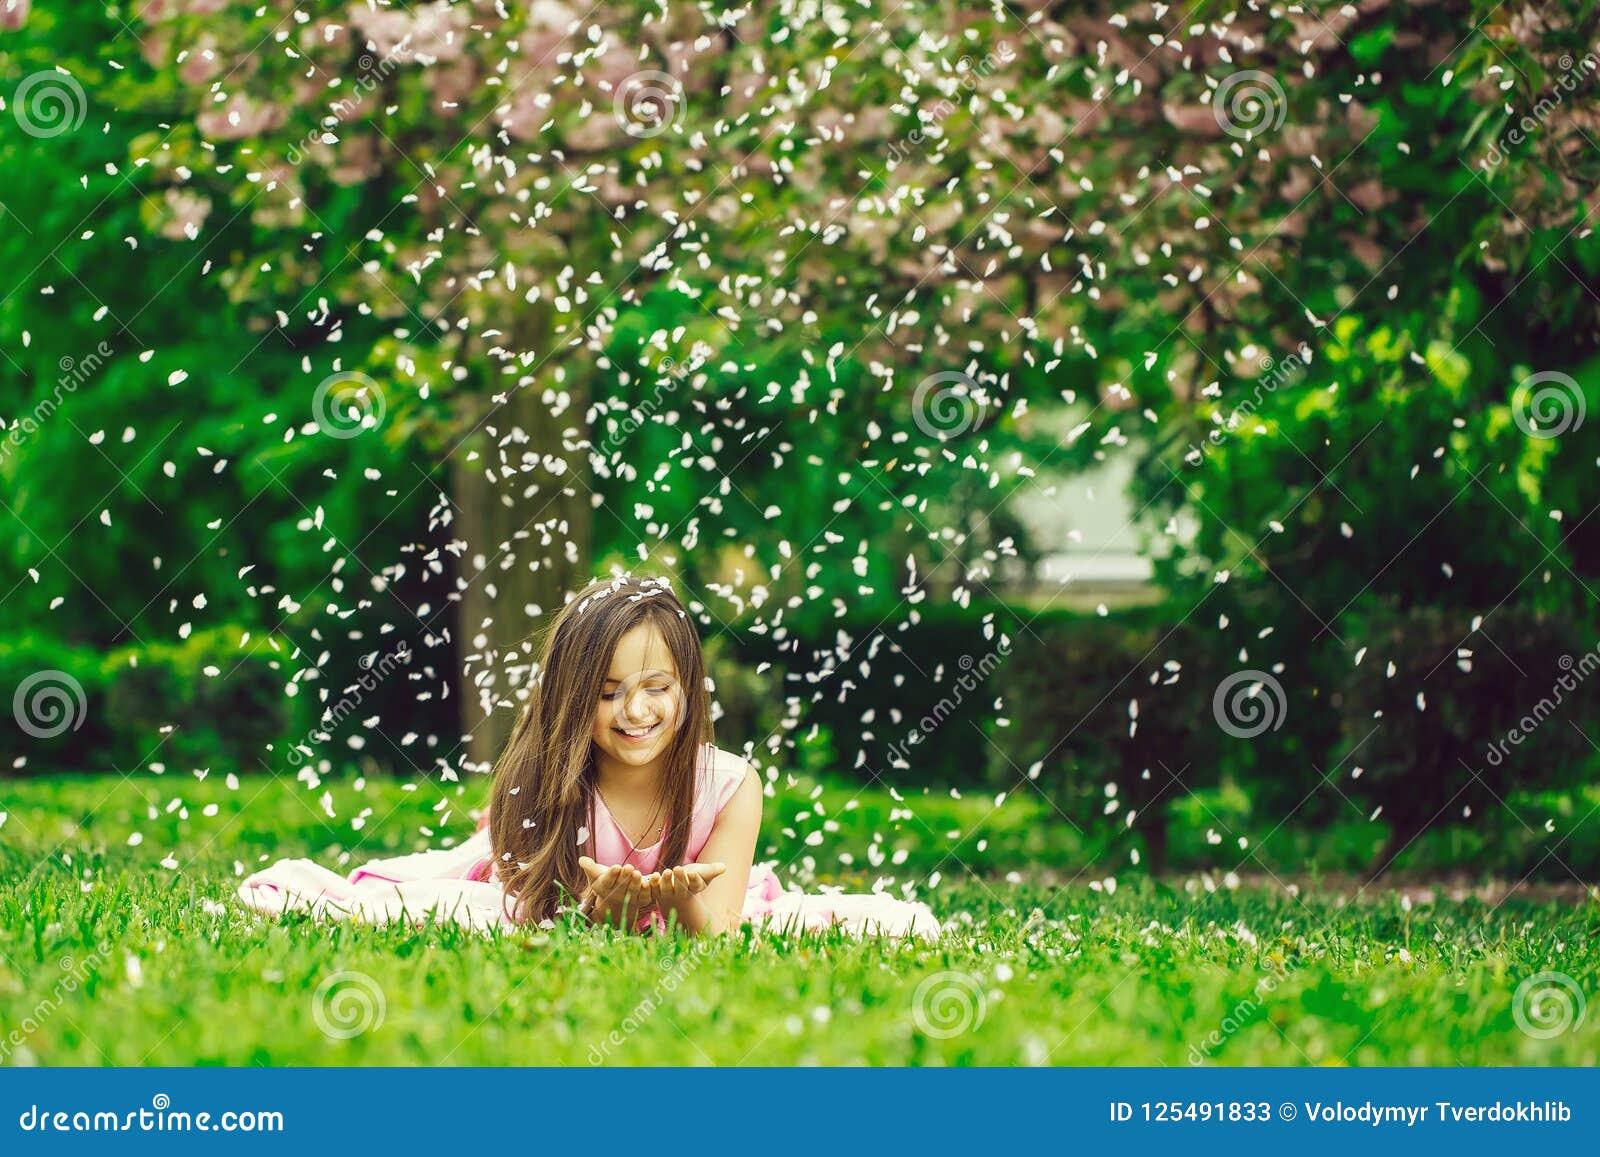 Mała dziewczynka na zielonej trawie z płatkami